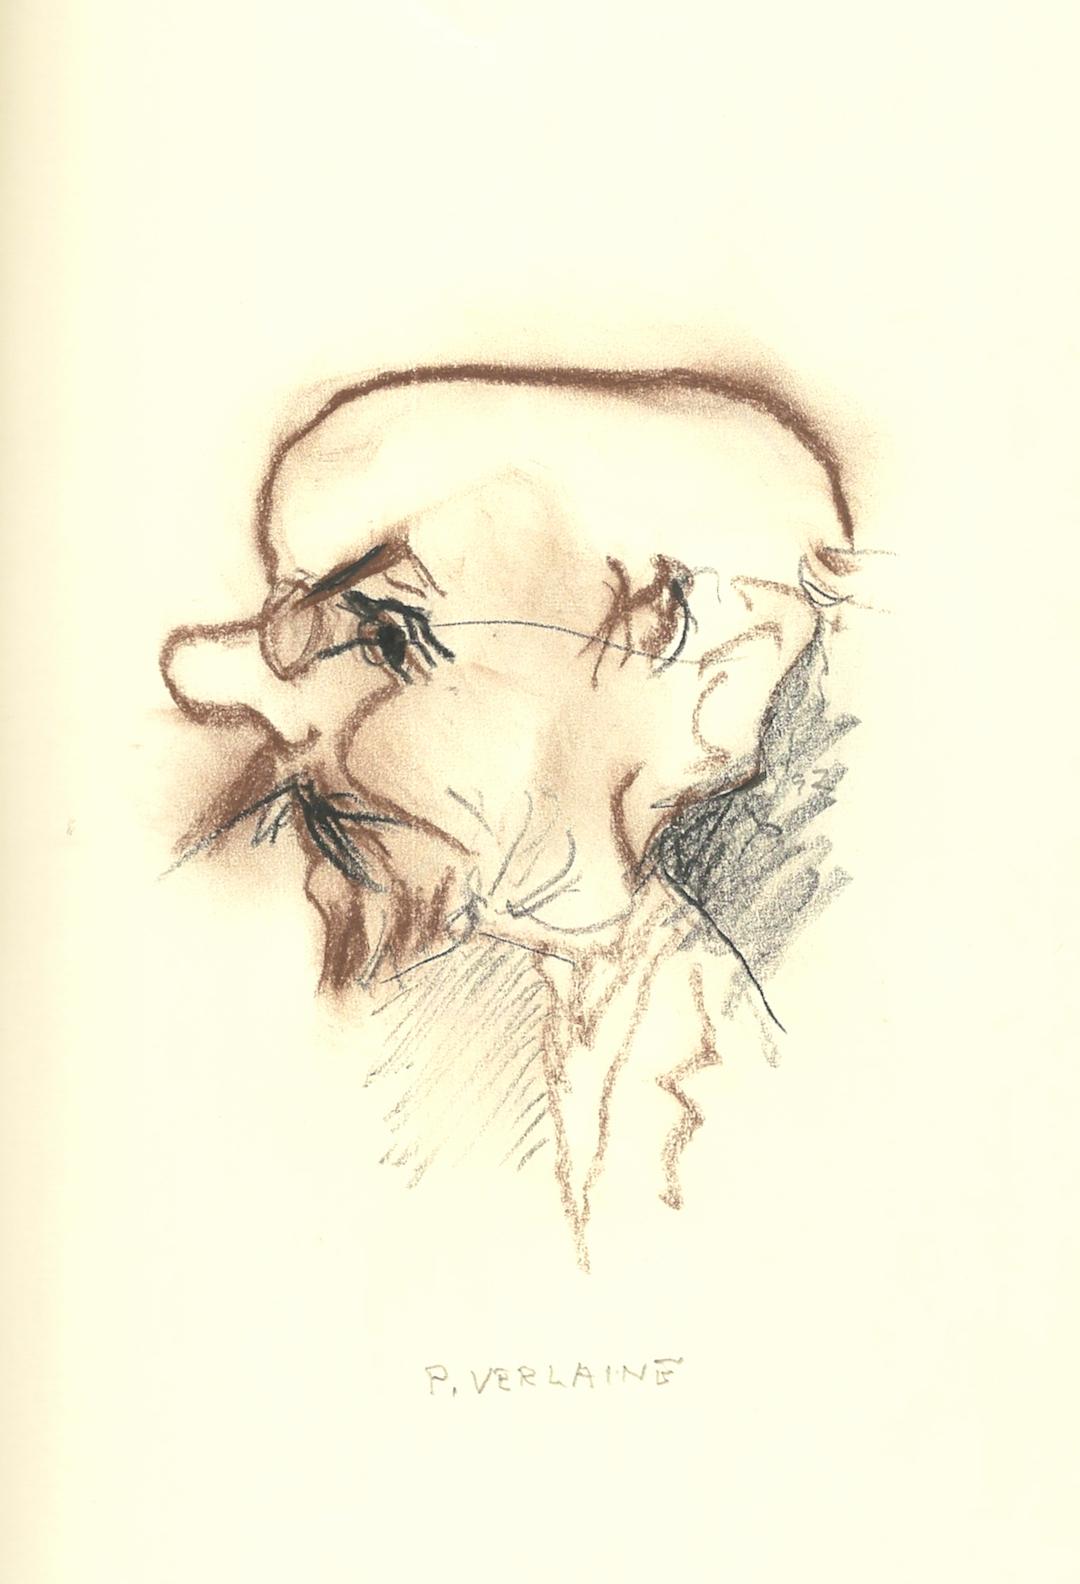 Paul Verlaine